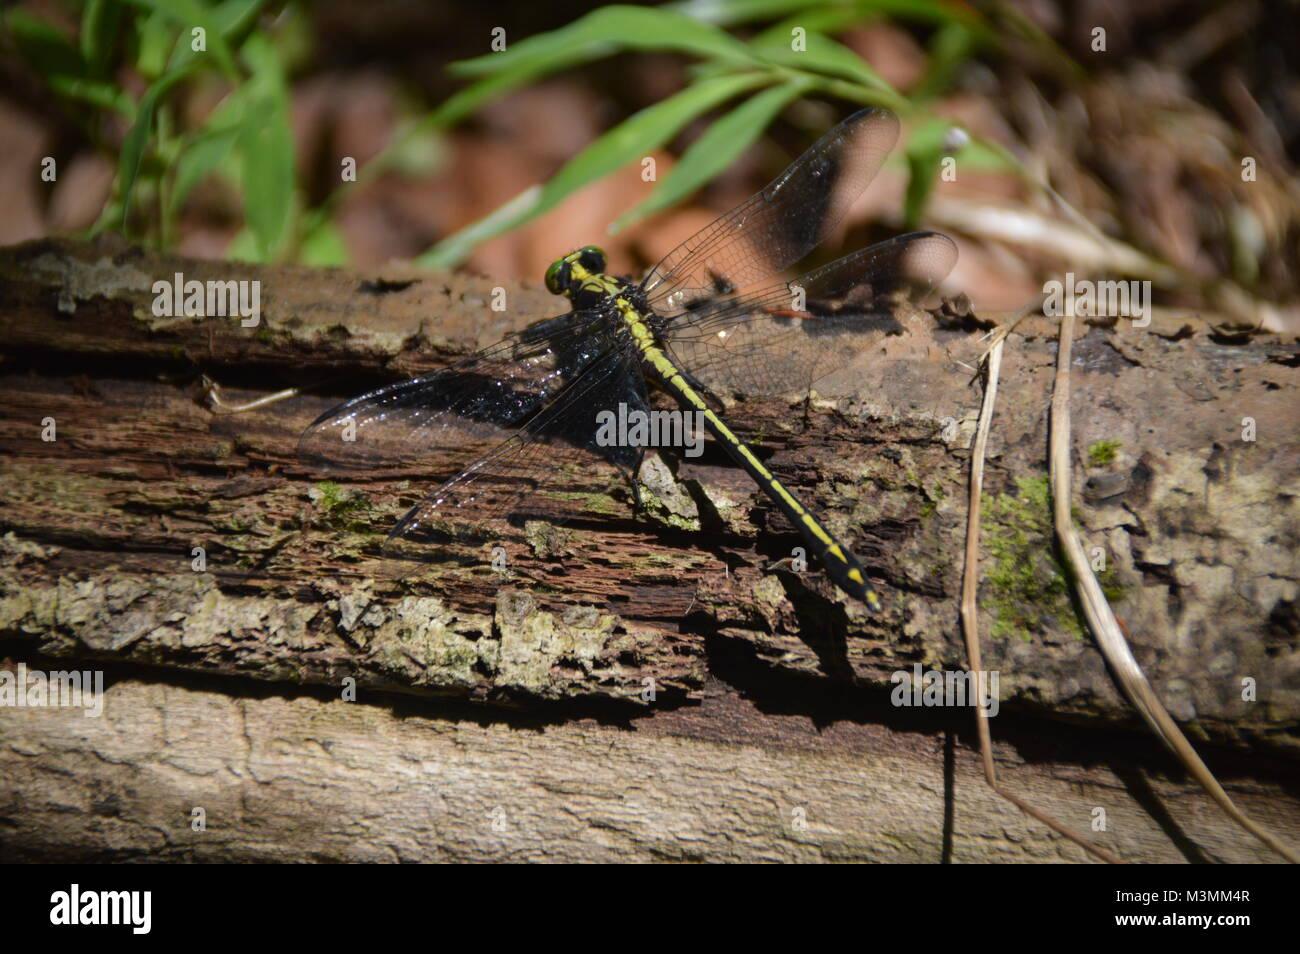 Un verde e nero Dragonfly sul registro con alcuni greenage nello sfondo dell'immagine. Immagini Stock